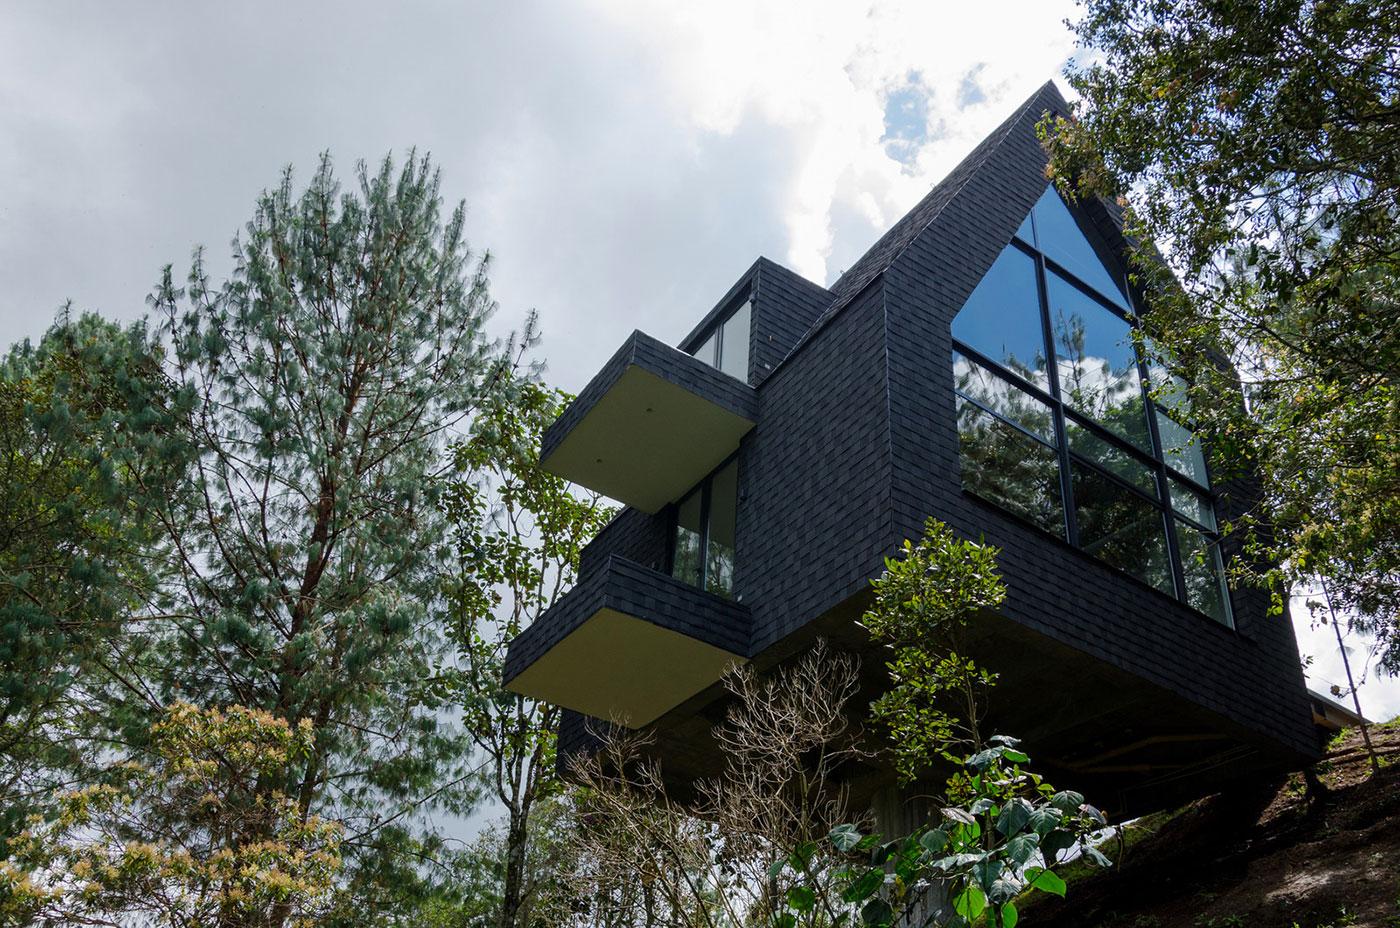 Amazing elevated house